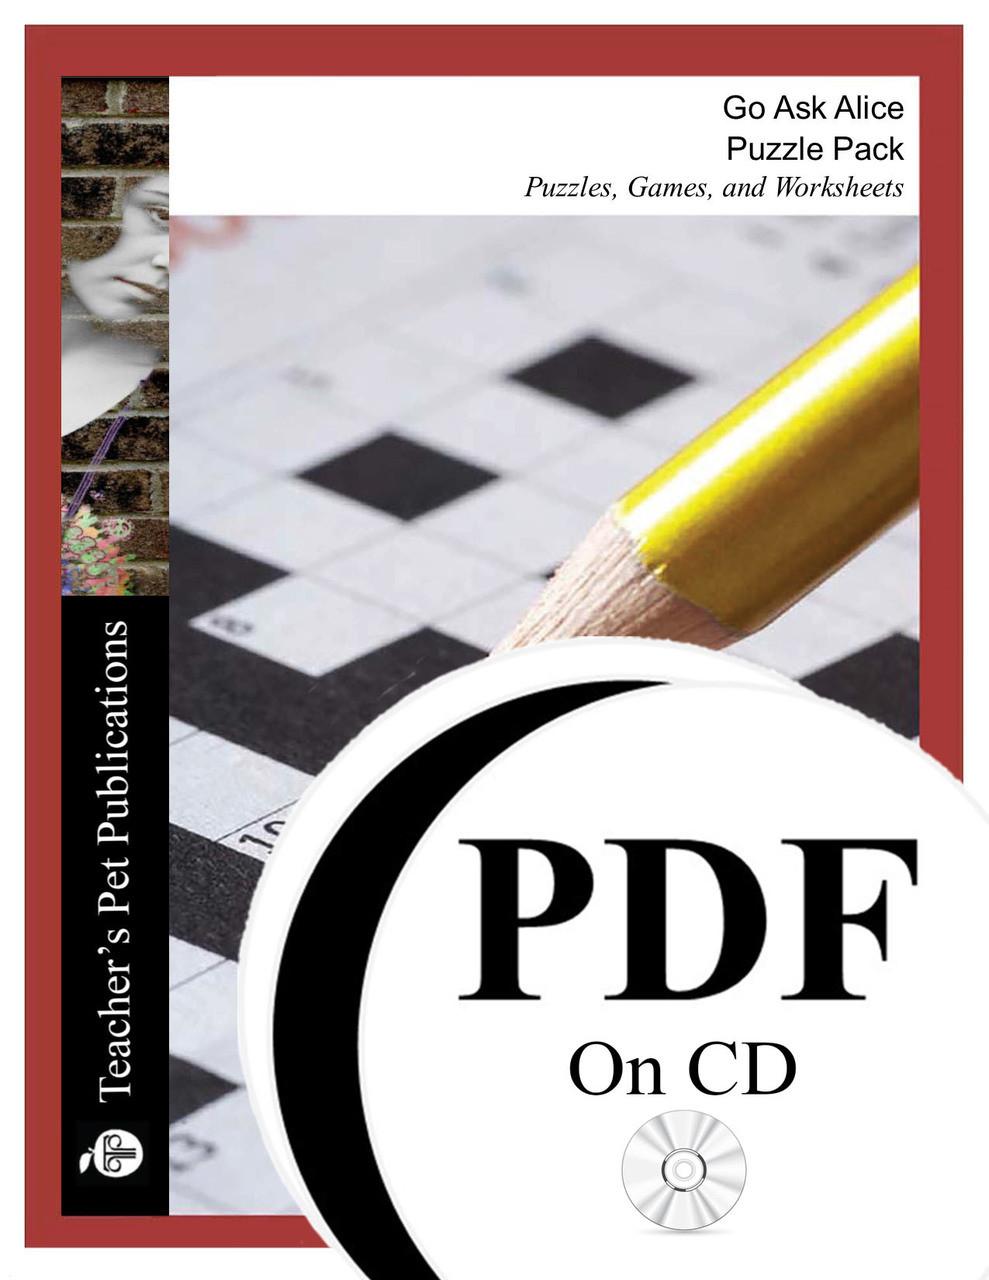 Ask pdf go alice book